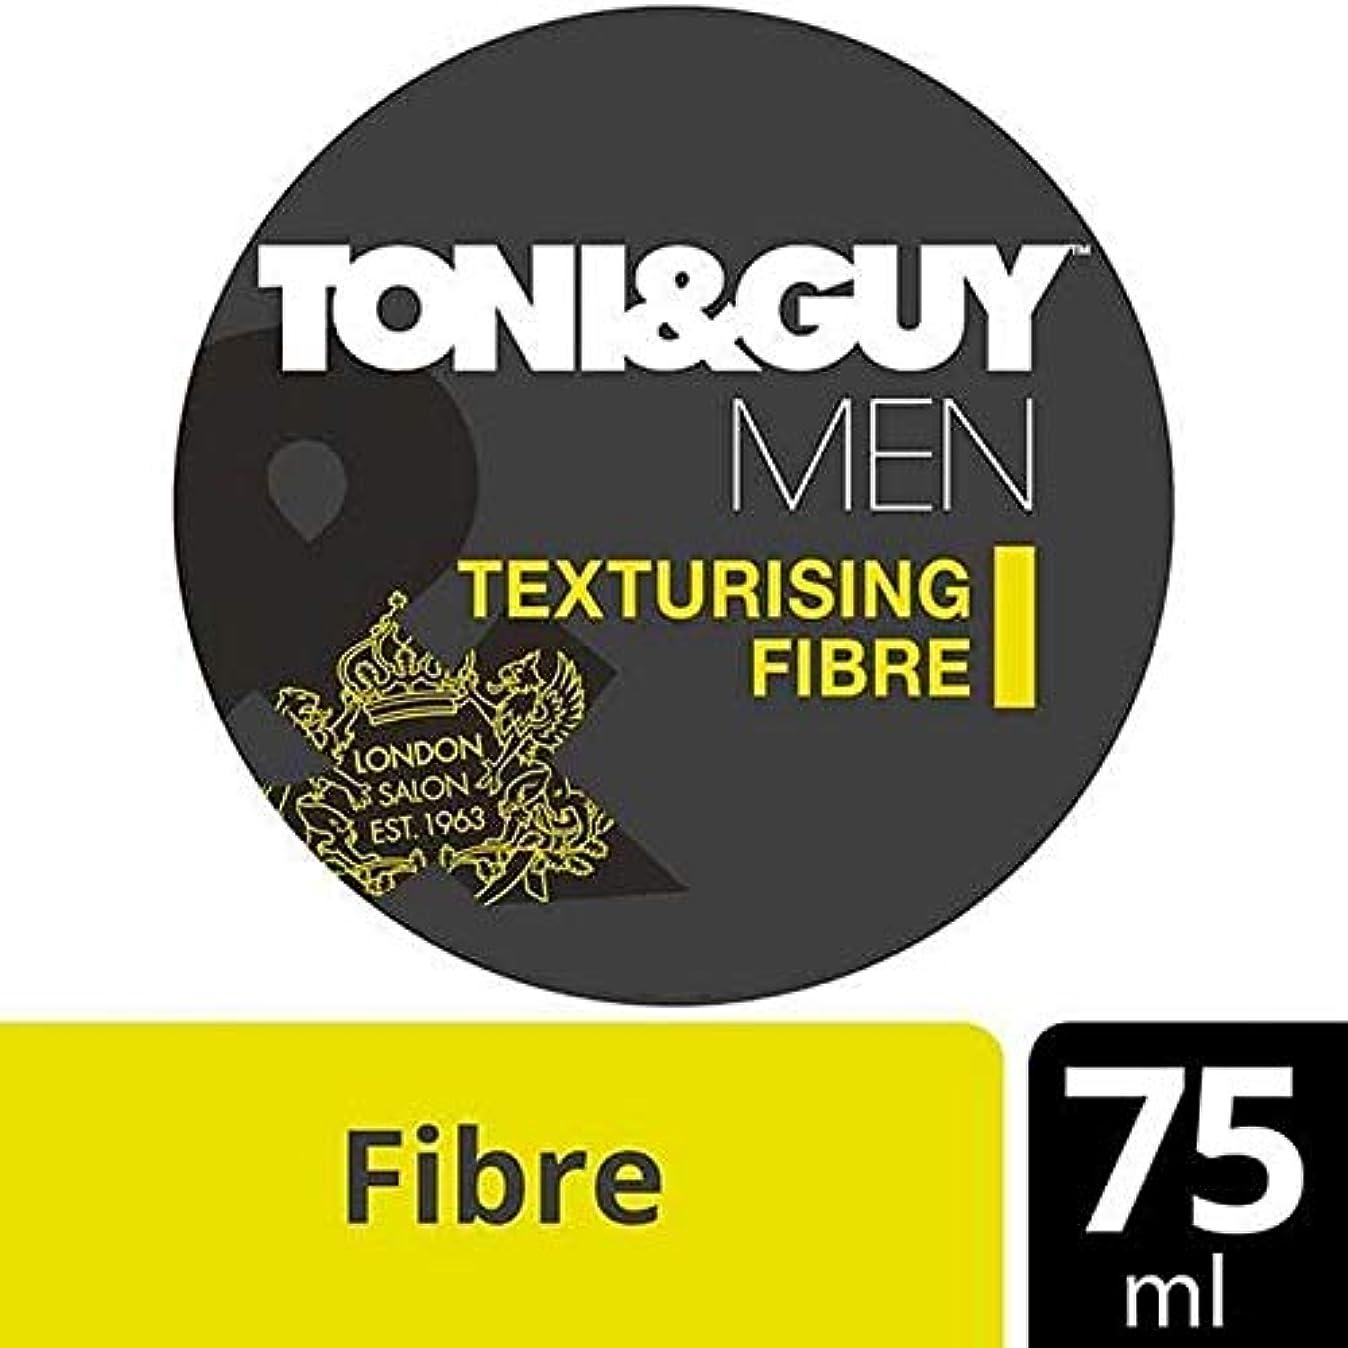 飢えた消える操作[Toni & Guy] トニ&男テクスチャー繊維 - Toni & Guy Texturising Fibre [並行輸入品]